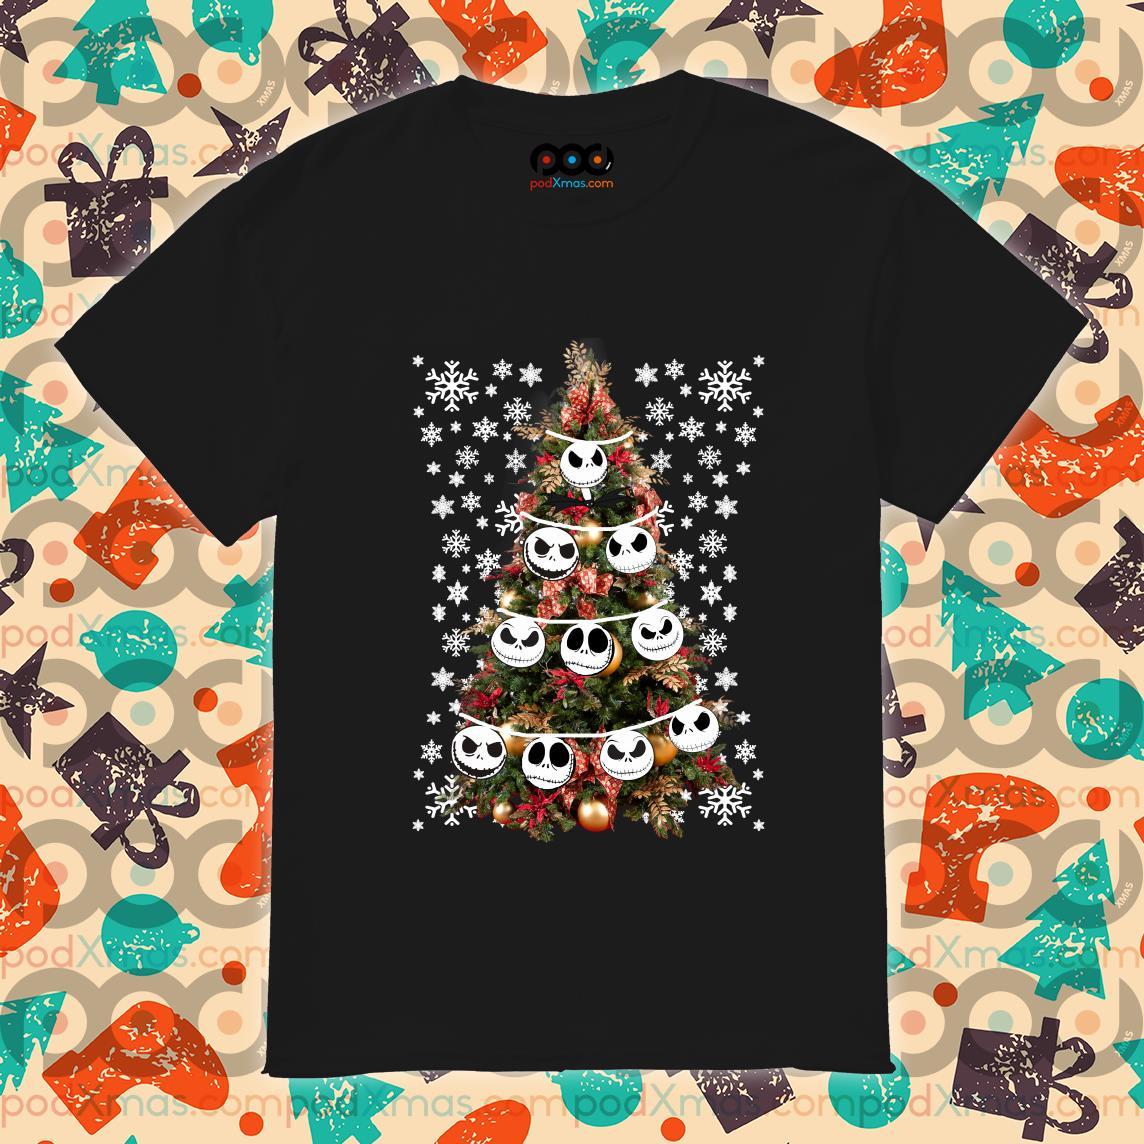 Jack Skellington Christmas tree shirt